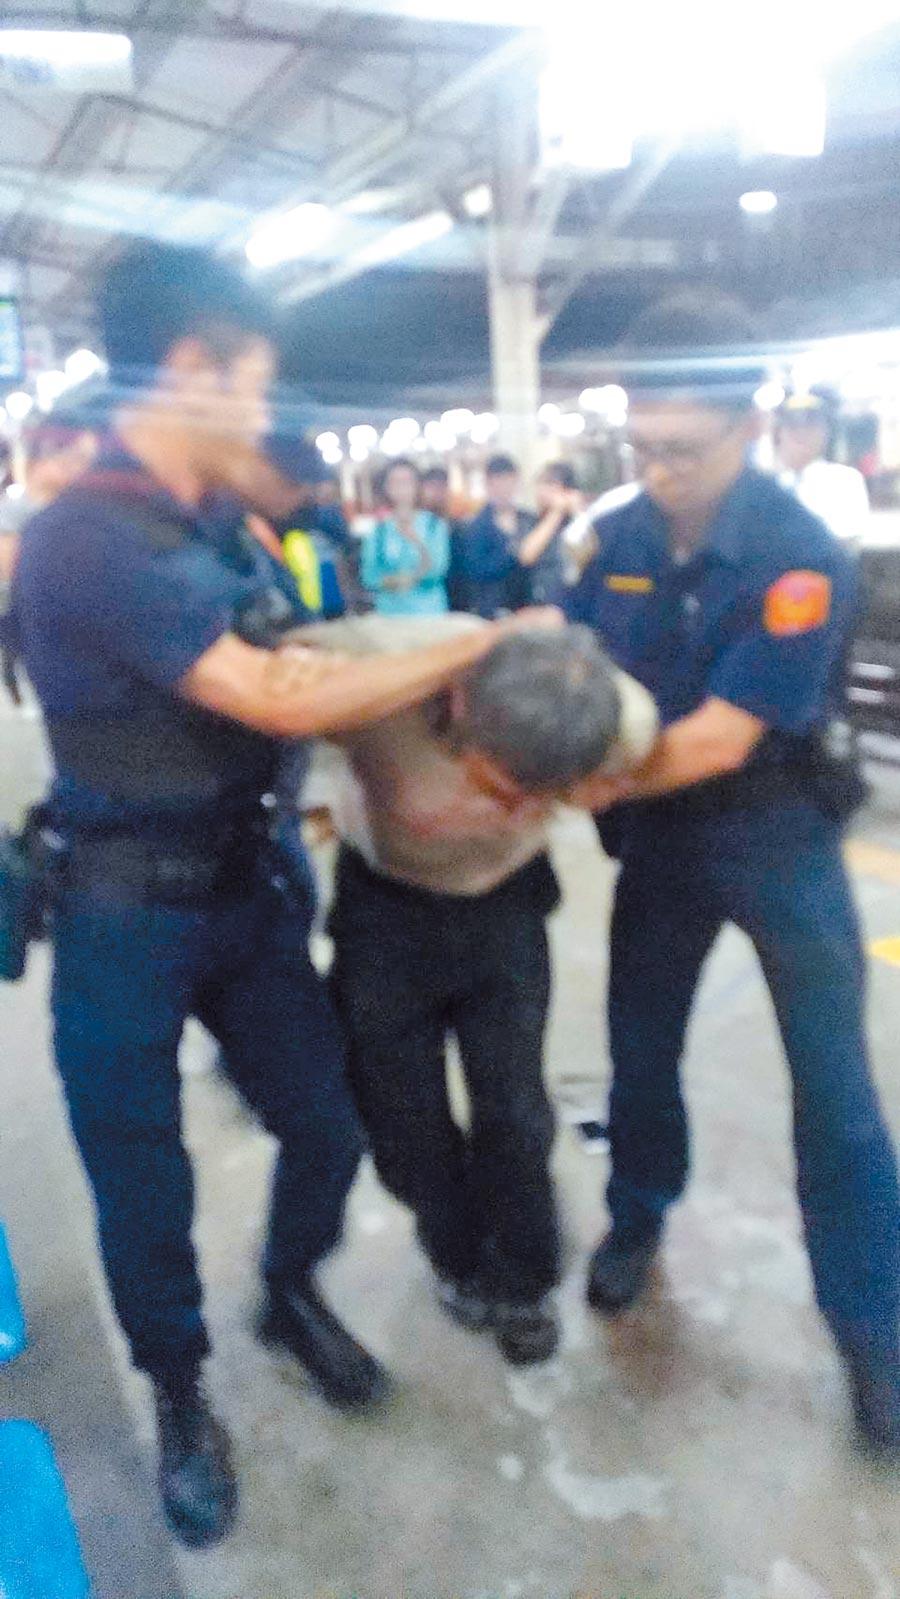 台鐵嘉義火車站驚傳隨機砍人,經查證後為1名男子因補票糾紛,持刀刺傷處理員警。(翻攝自臉書)